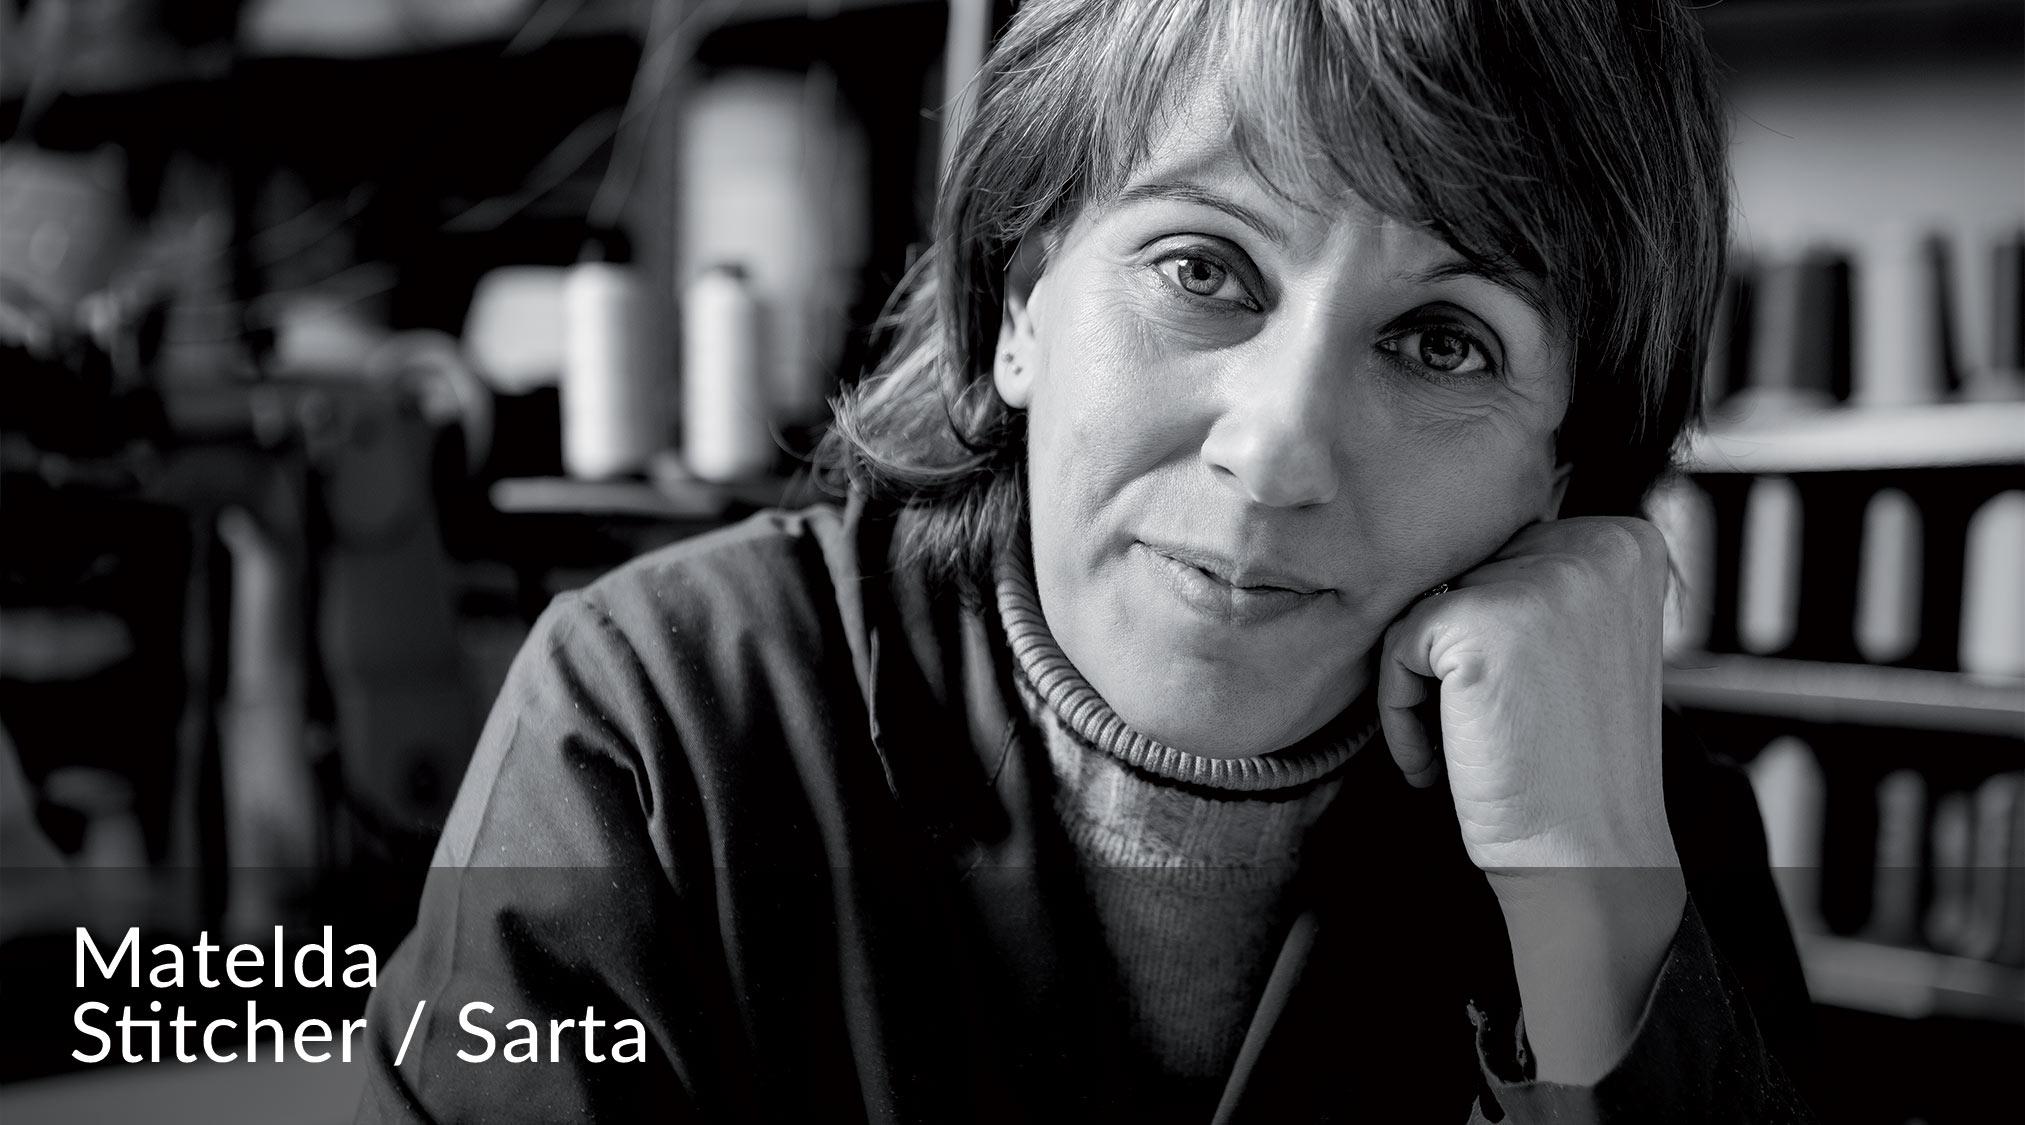 Matelda - Sarta del Team BertO